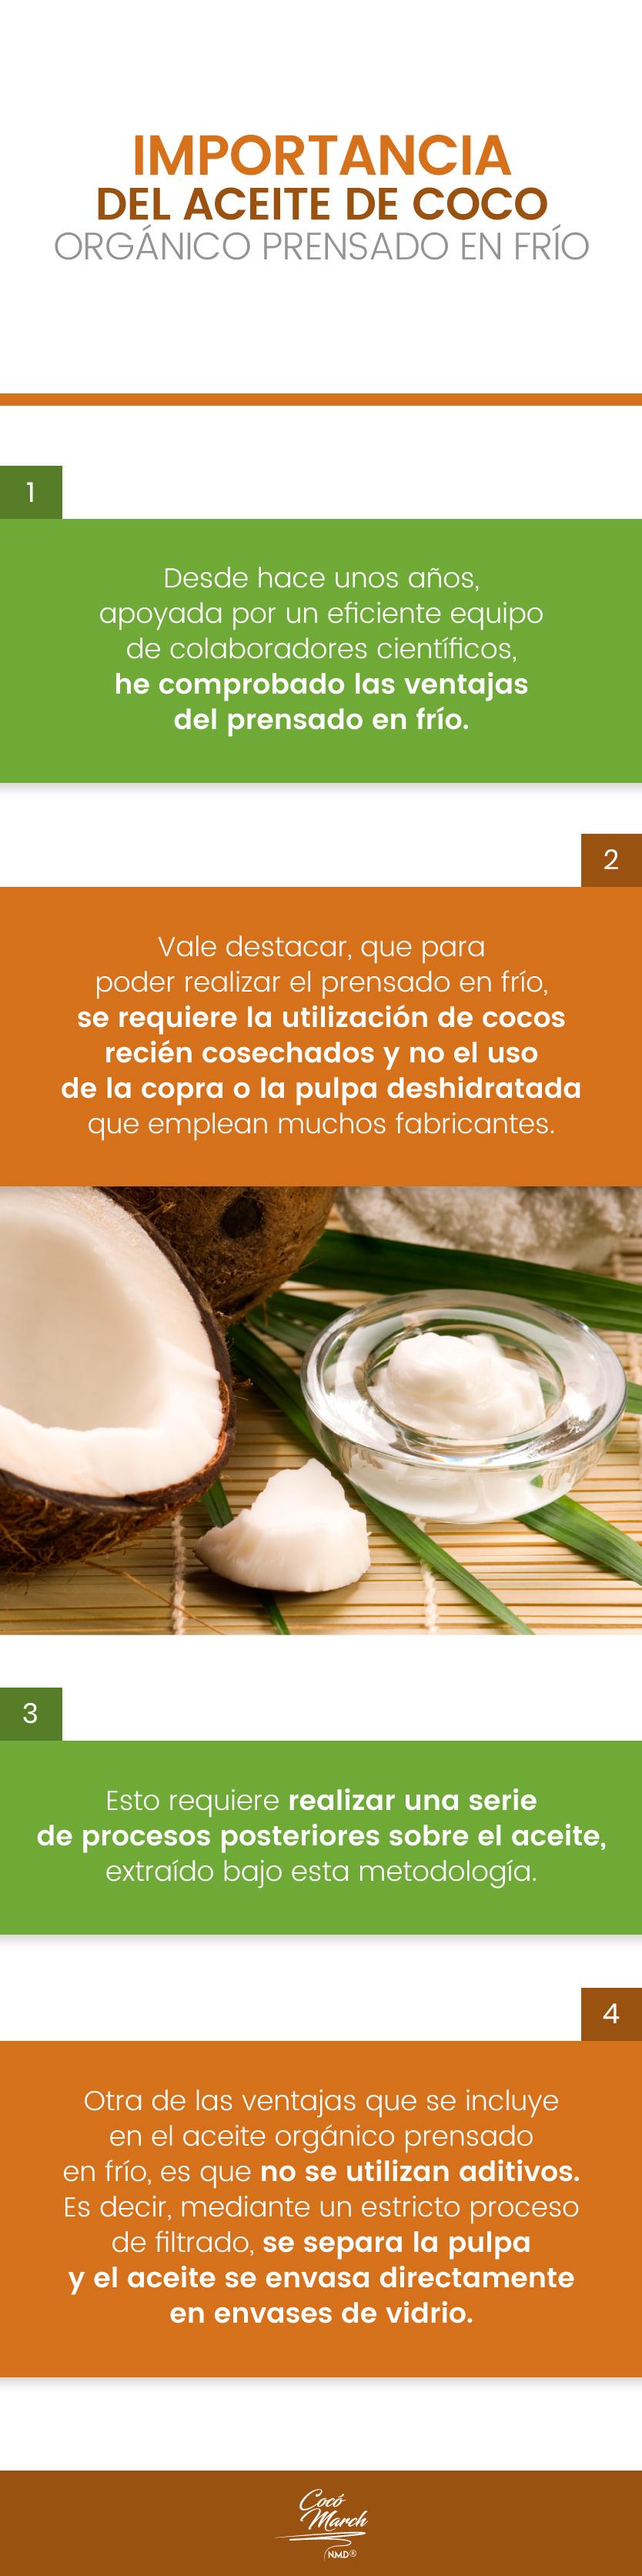 importancia-del-aceite-de-coco-organico